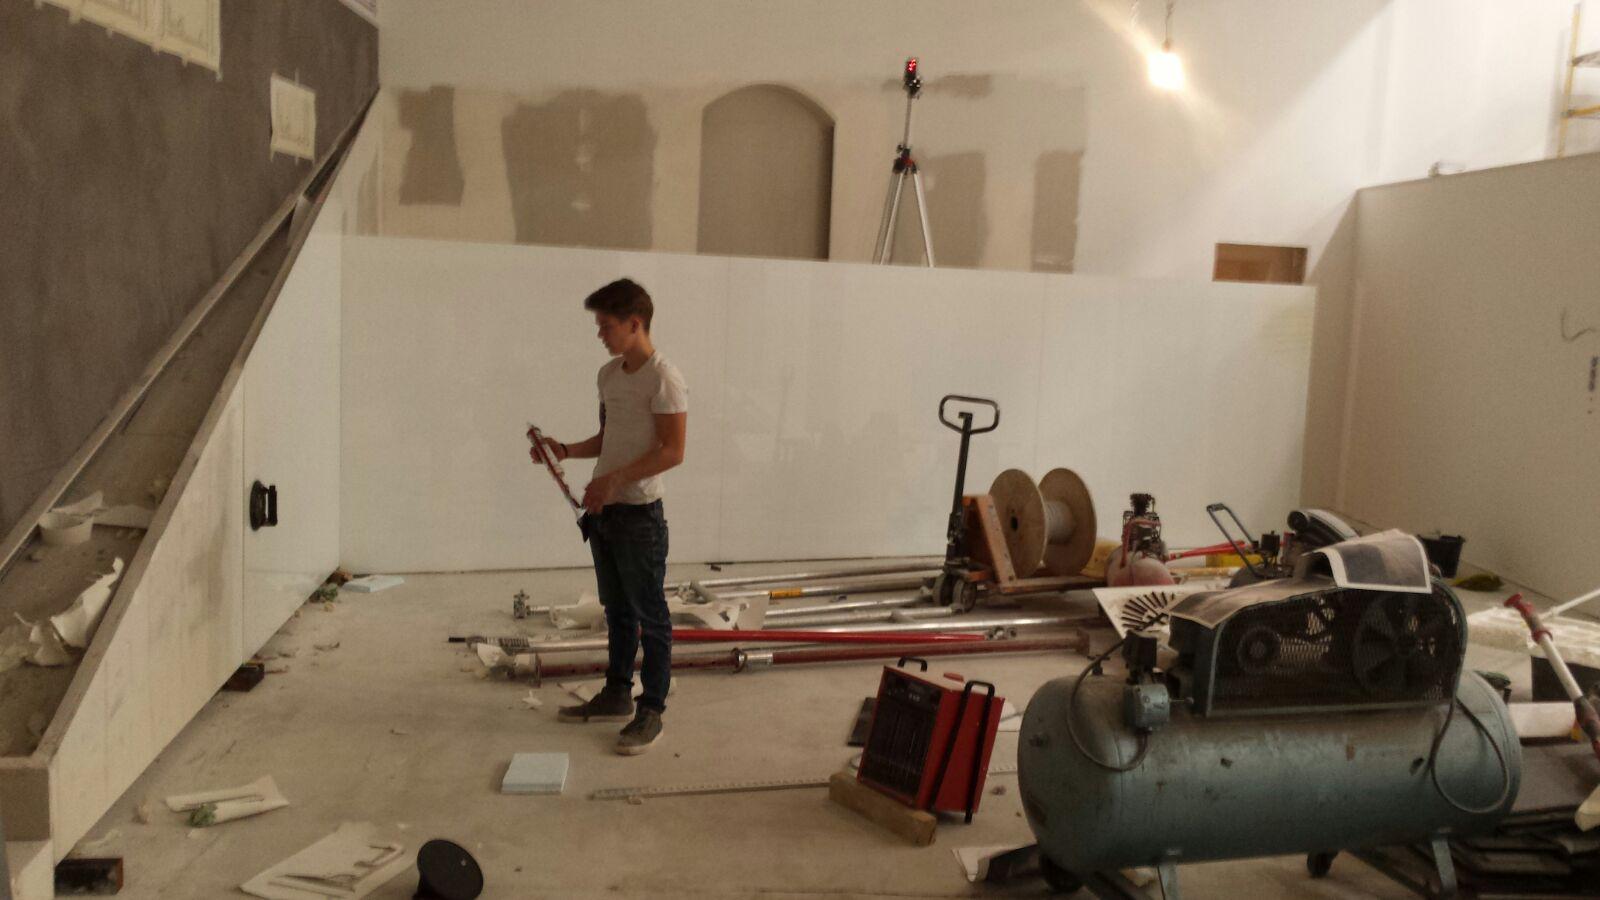 Lacobel pure white Wandverkleidung in einer Moschee im Kundenauftrag nach Maß gefertigt, Modellscheiben und individuelle Bearbeitung